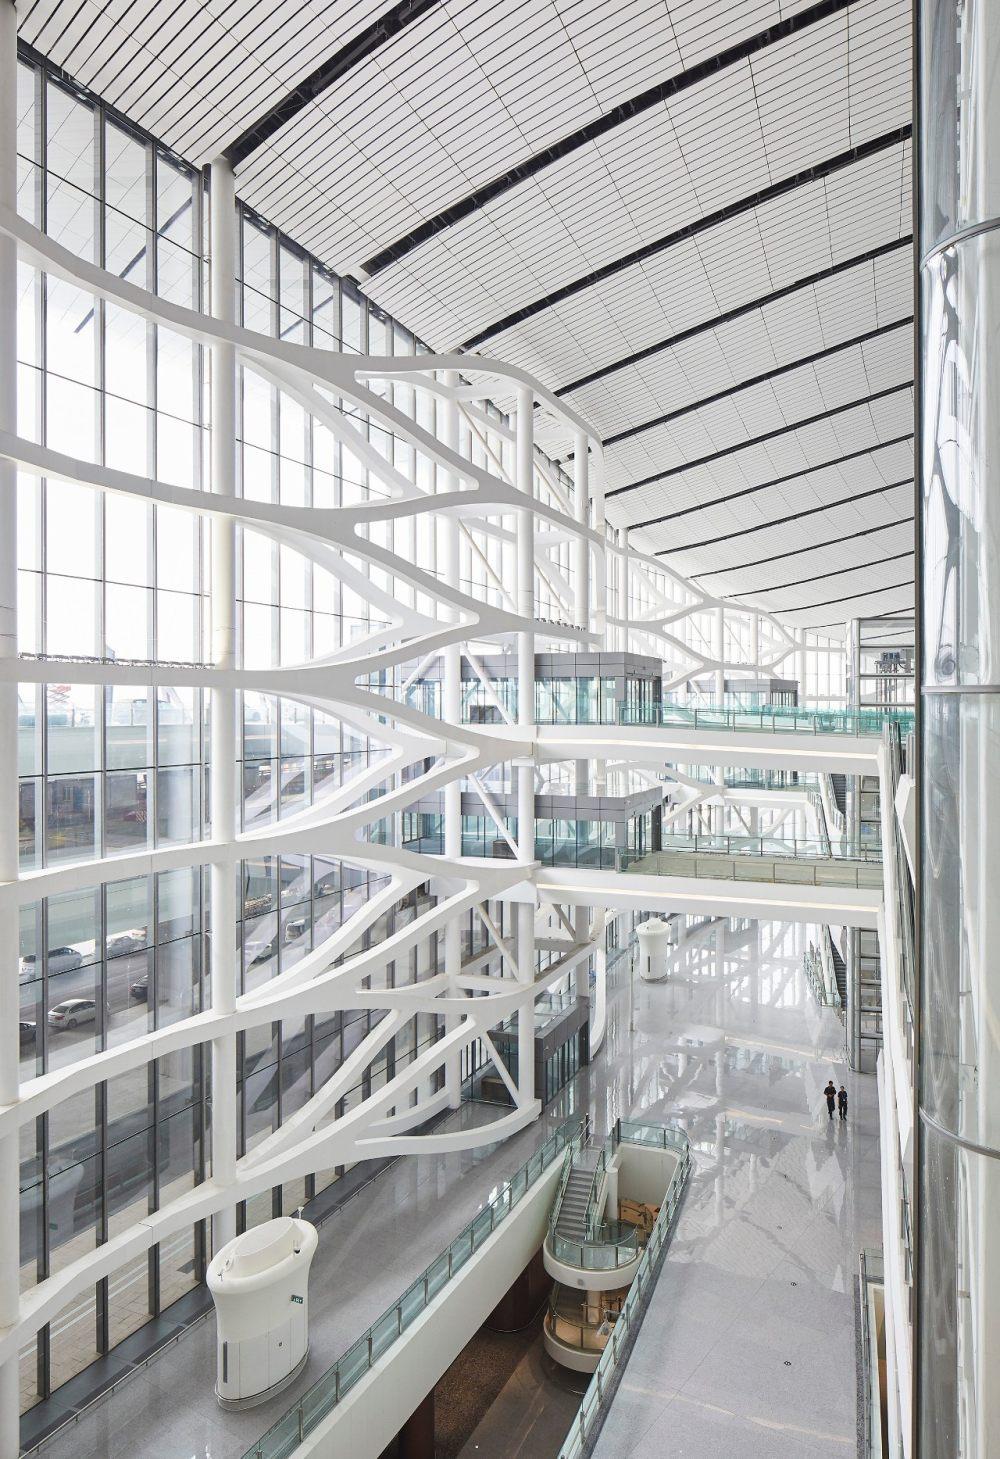 超魔幻的北京大兴国际机场 | 实景图+平面图 | 45P_超魔幻的北京大兴国际机场19.jpg